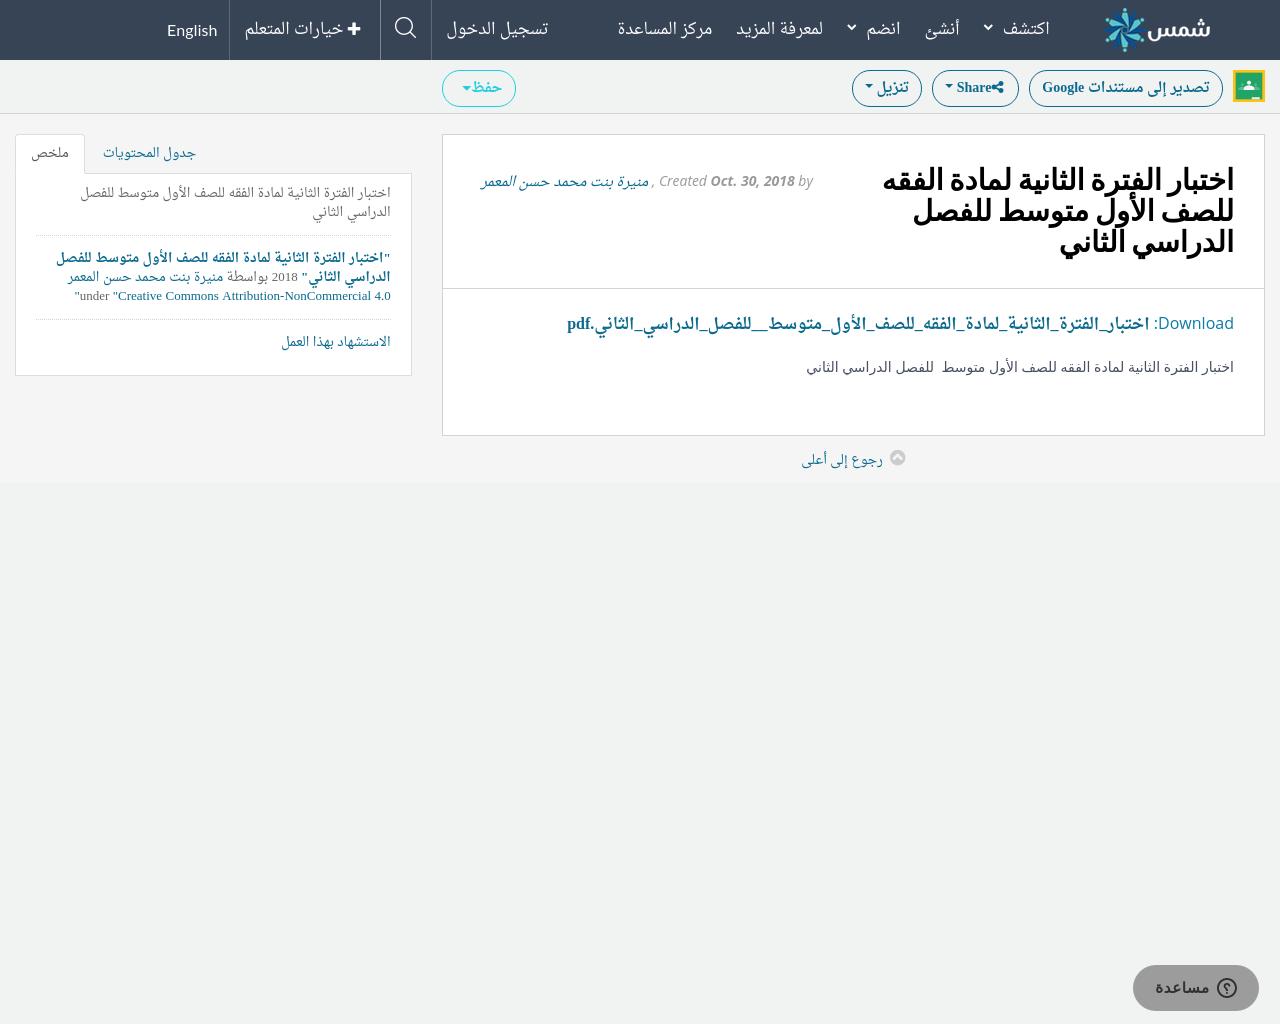 اختبار الفترة الثانية لمادة الفقه للصف الأول متوسط للفصل الدراسي الثاني    SHMS - Saudi OER Network